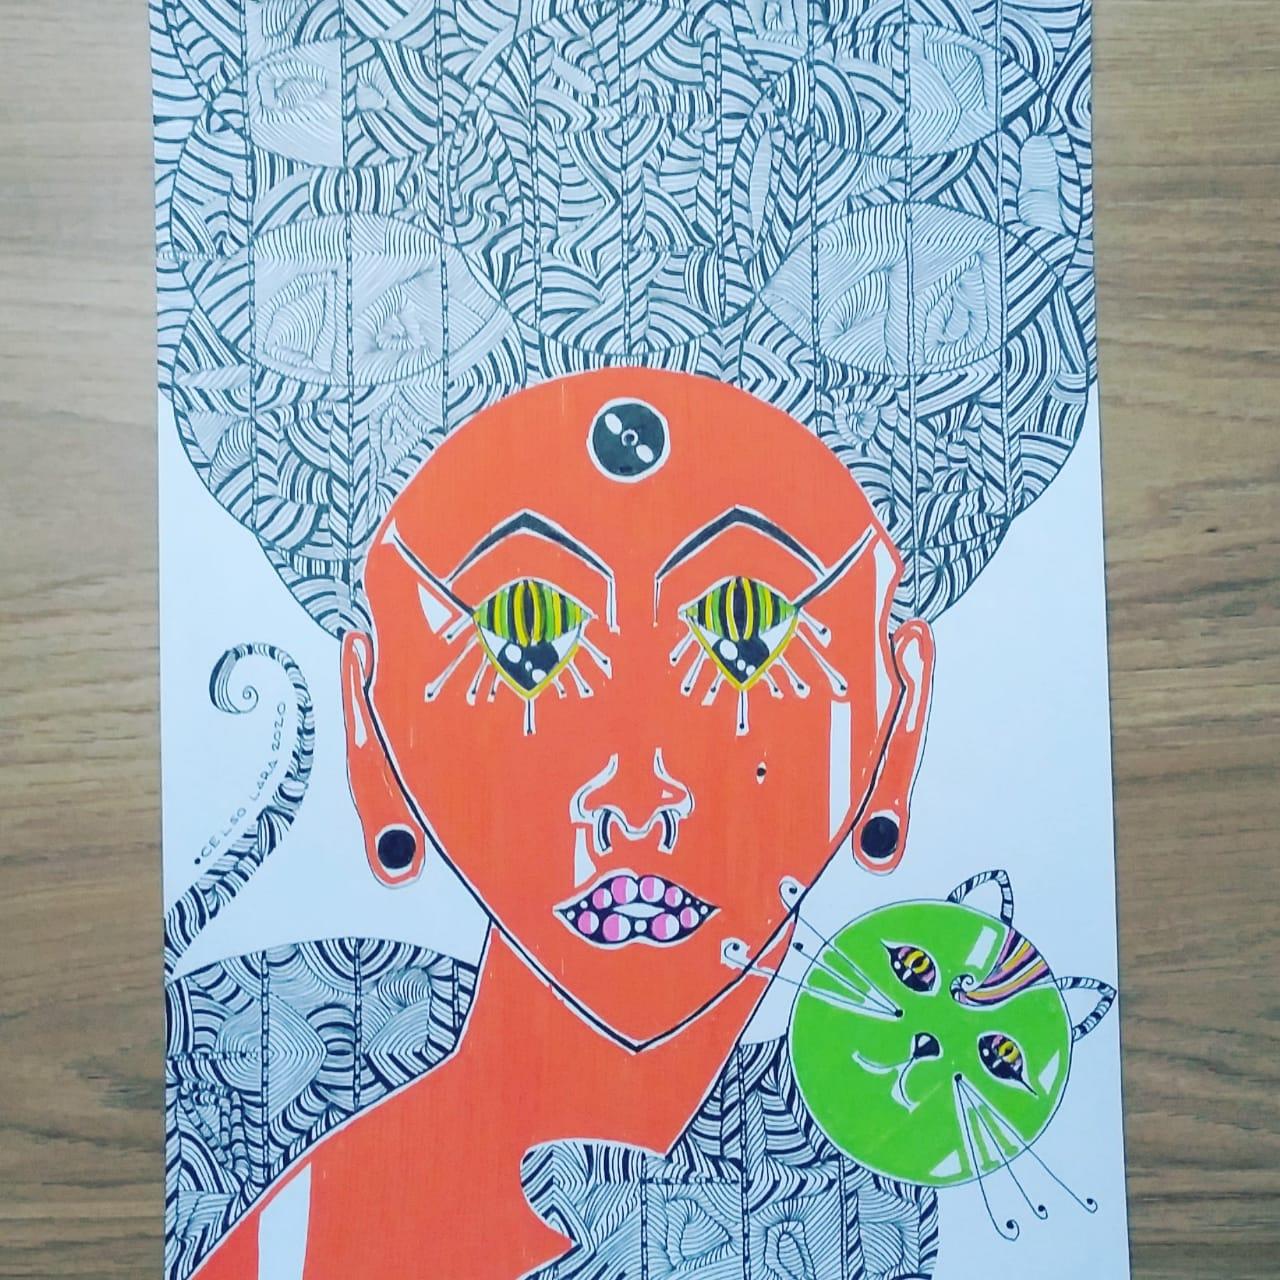 Obra II por Celso Lara